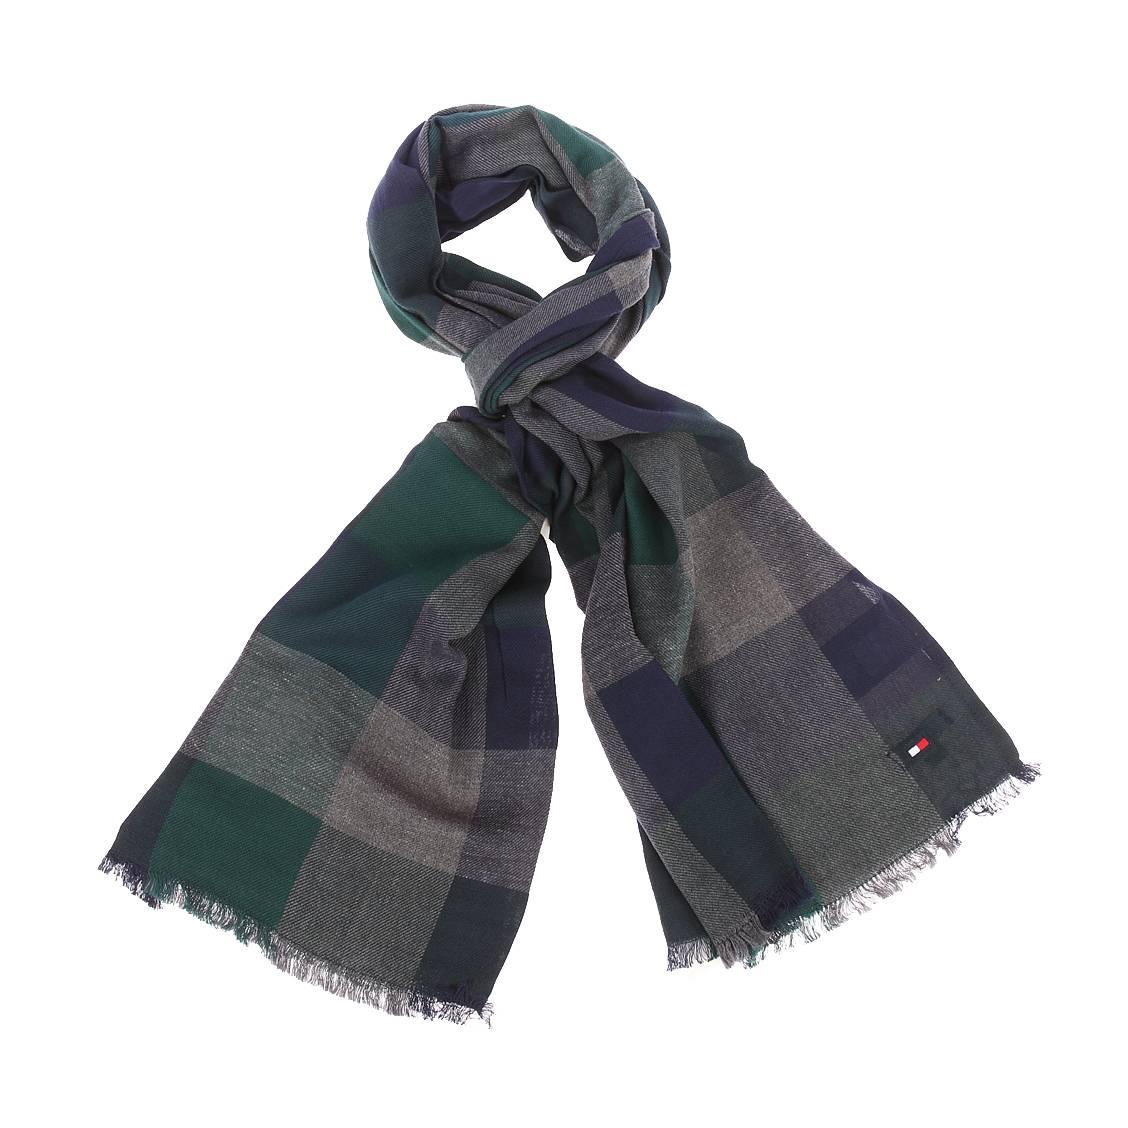 Echarpe gingham tommy hilfiger en coton à carreaux gris, bleu marine et verts